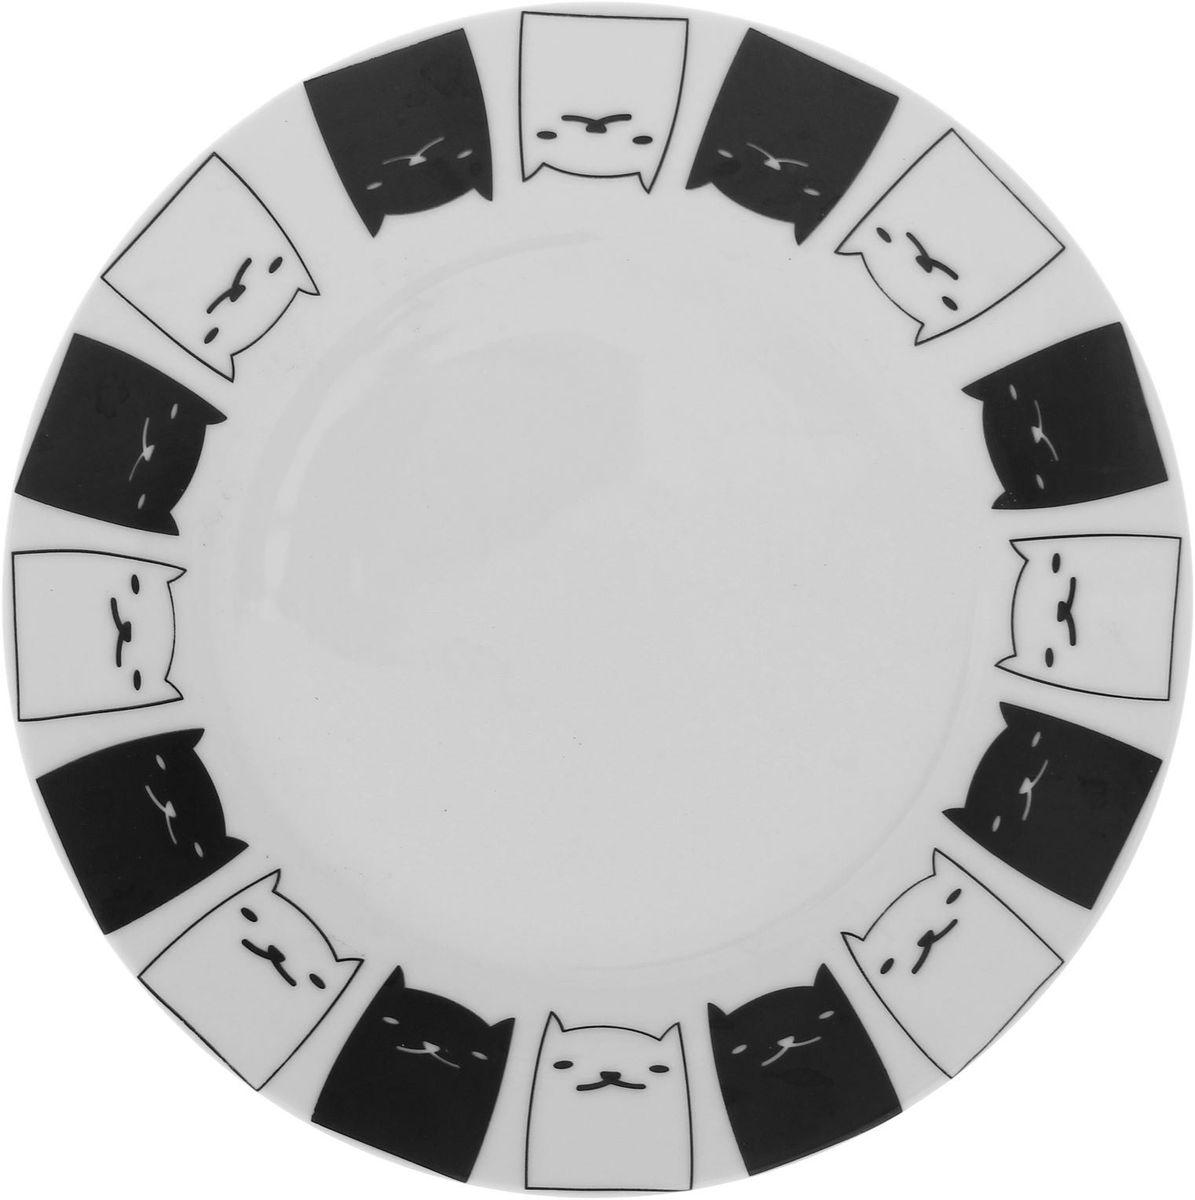 Тарелка мелкая Сотвори чудо Котята, диаметр 20 см1563645Хотите обновить интерьер кухни или гостиной? Устраиваете необычную фотосессию или тематический праздник? А может, просто ищете подарок для близкого человека? Посуда Сотвори Чудо — правильный выбор в любой ситуации. Тарелка Сотвори Чудо, изготовленная из изящного фаянса нежного сливочного цвета, оформлена оригинальным рисунком со стойкой краской. Пригодна для посудомоечной машины.